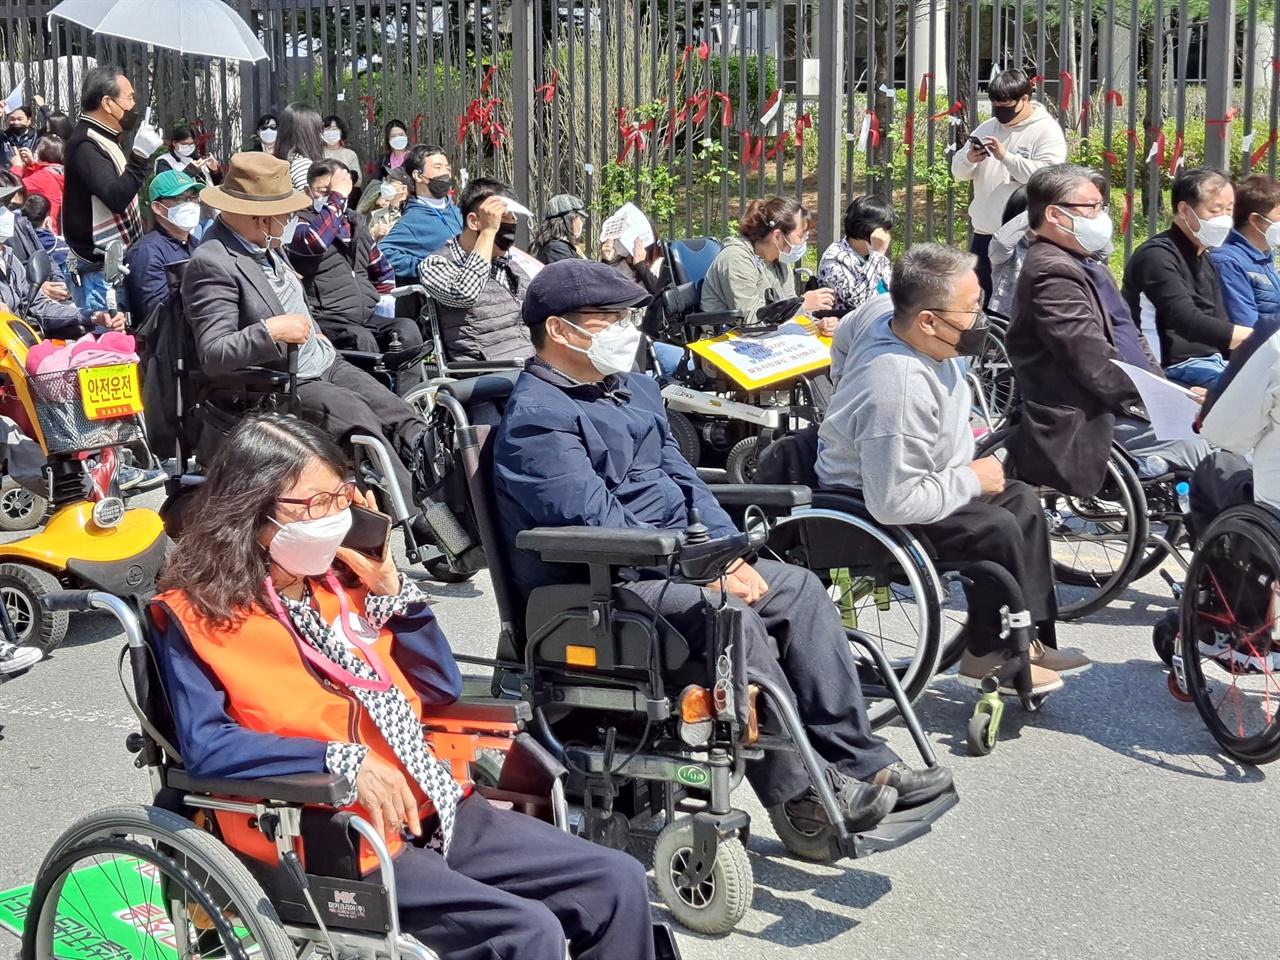 7일 세종시 보건복지부 앞에서는 '장애 당사자의 의견이 반영된 장애인 탈시설 정책 수립'을 촉구하는 집회가 열렸다.